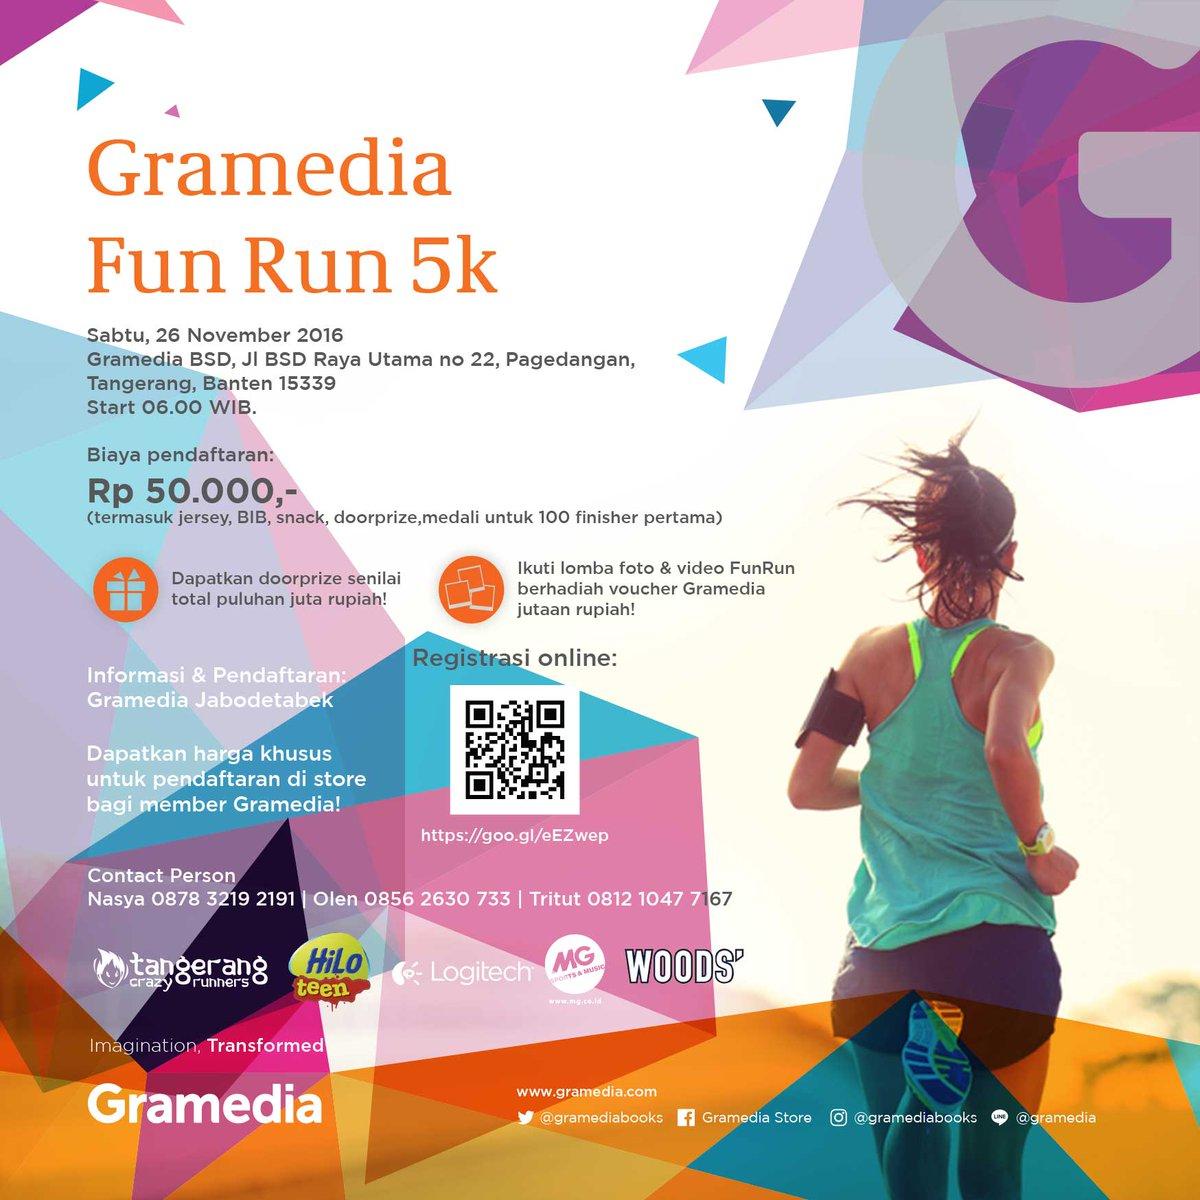 Gramedia Fun Run